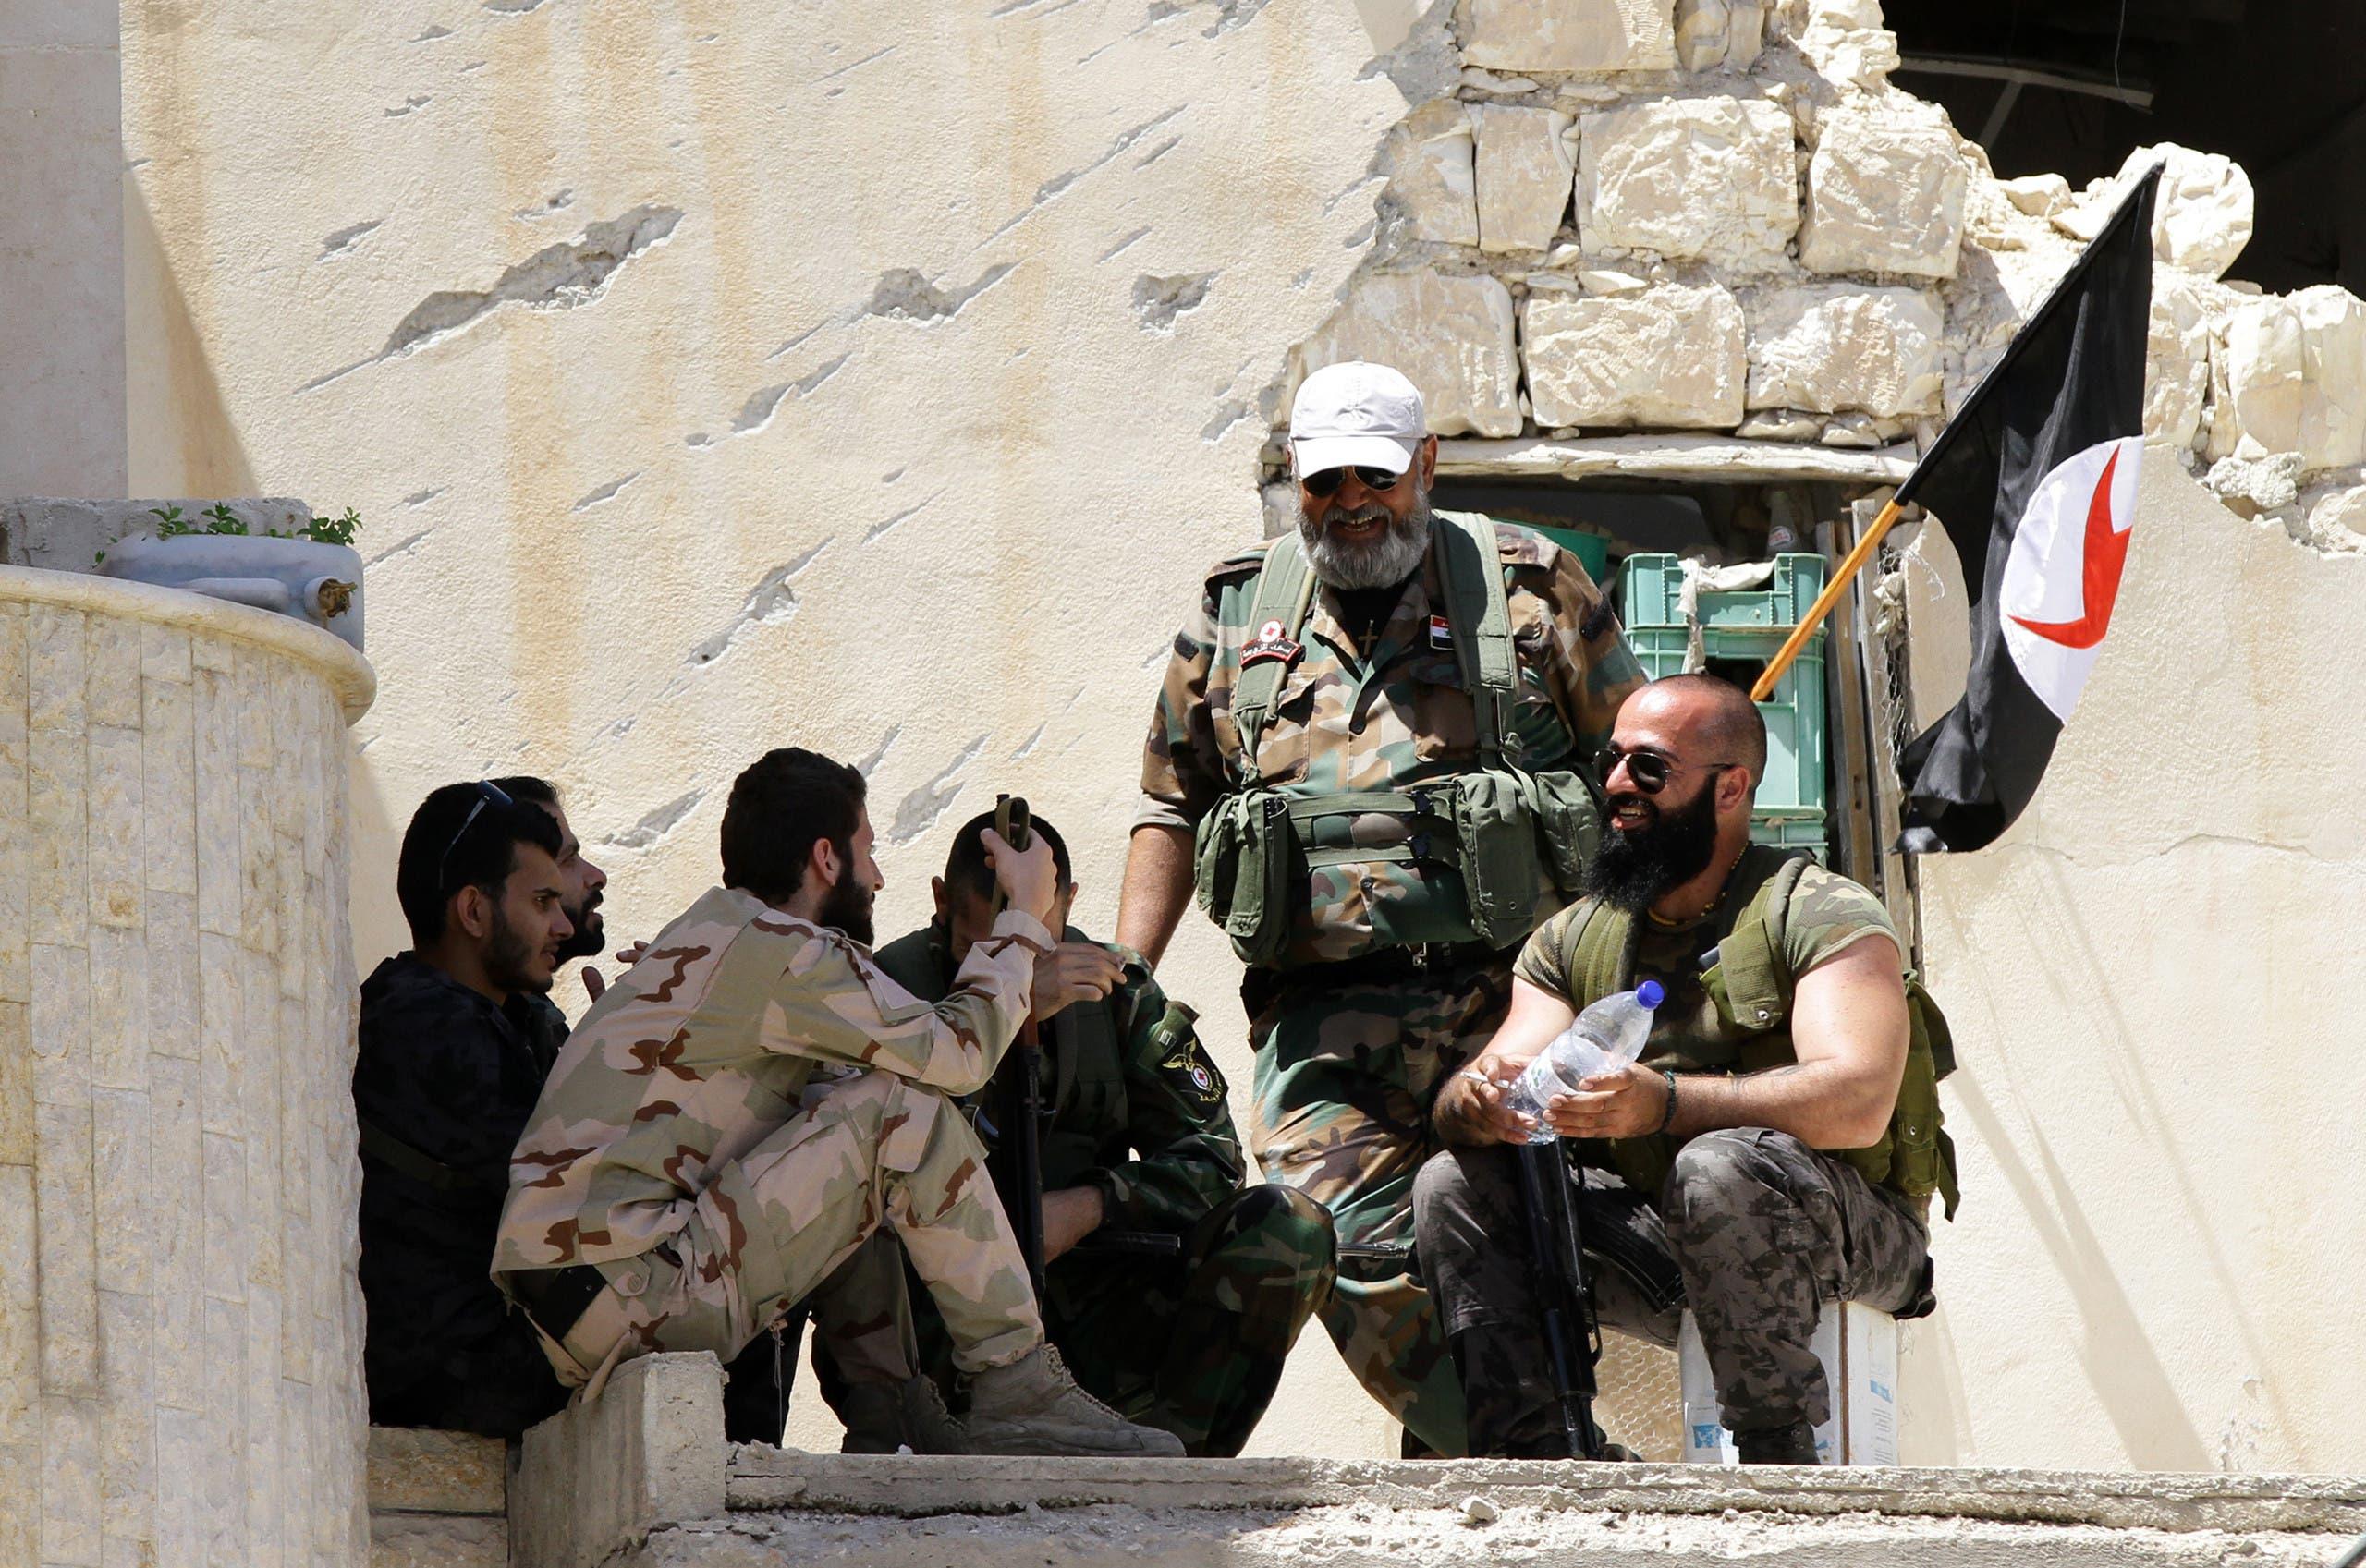 من ميليشيا الدفاع الوطني سوريا